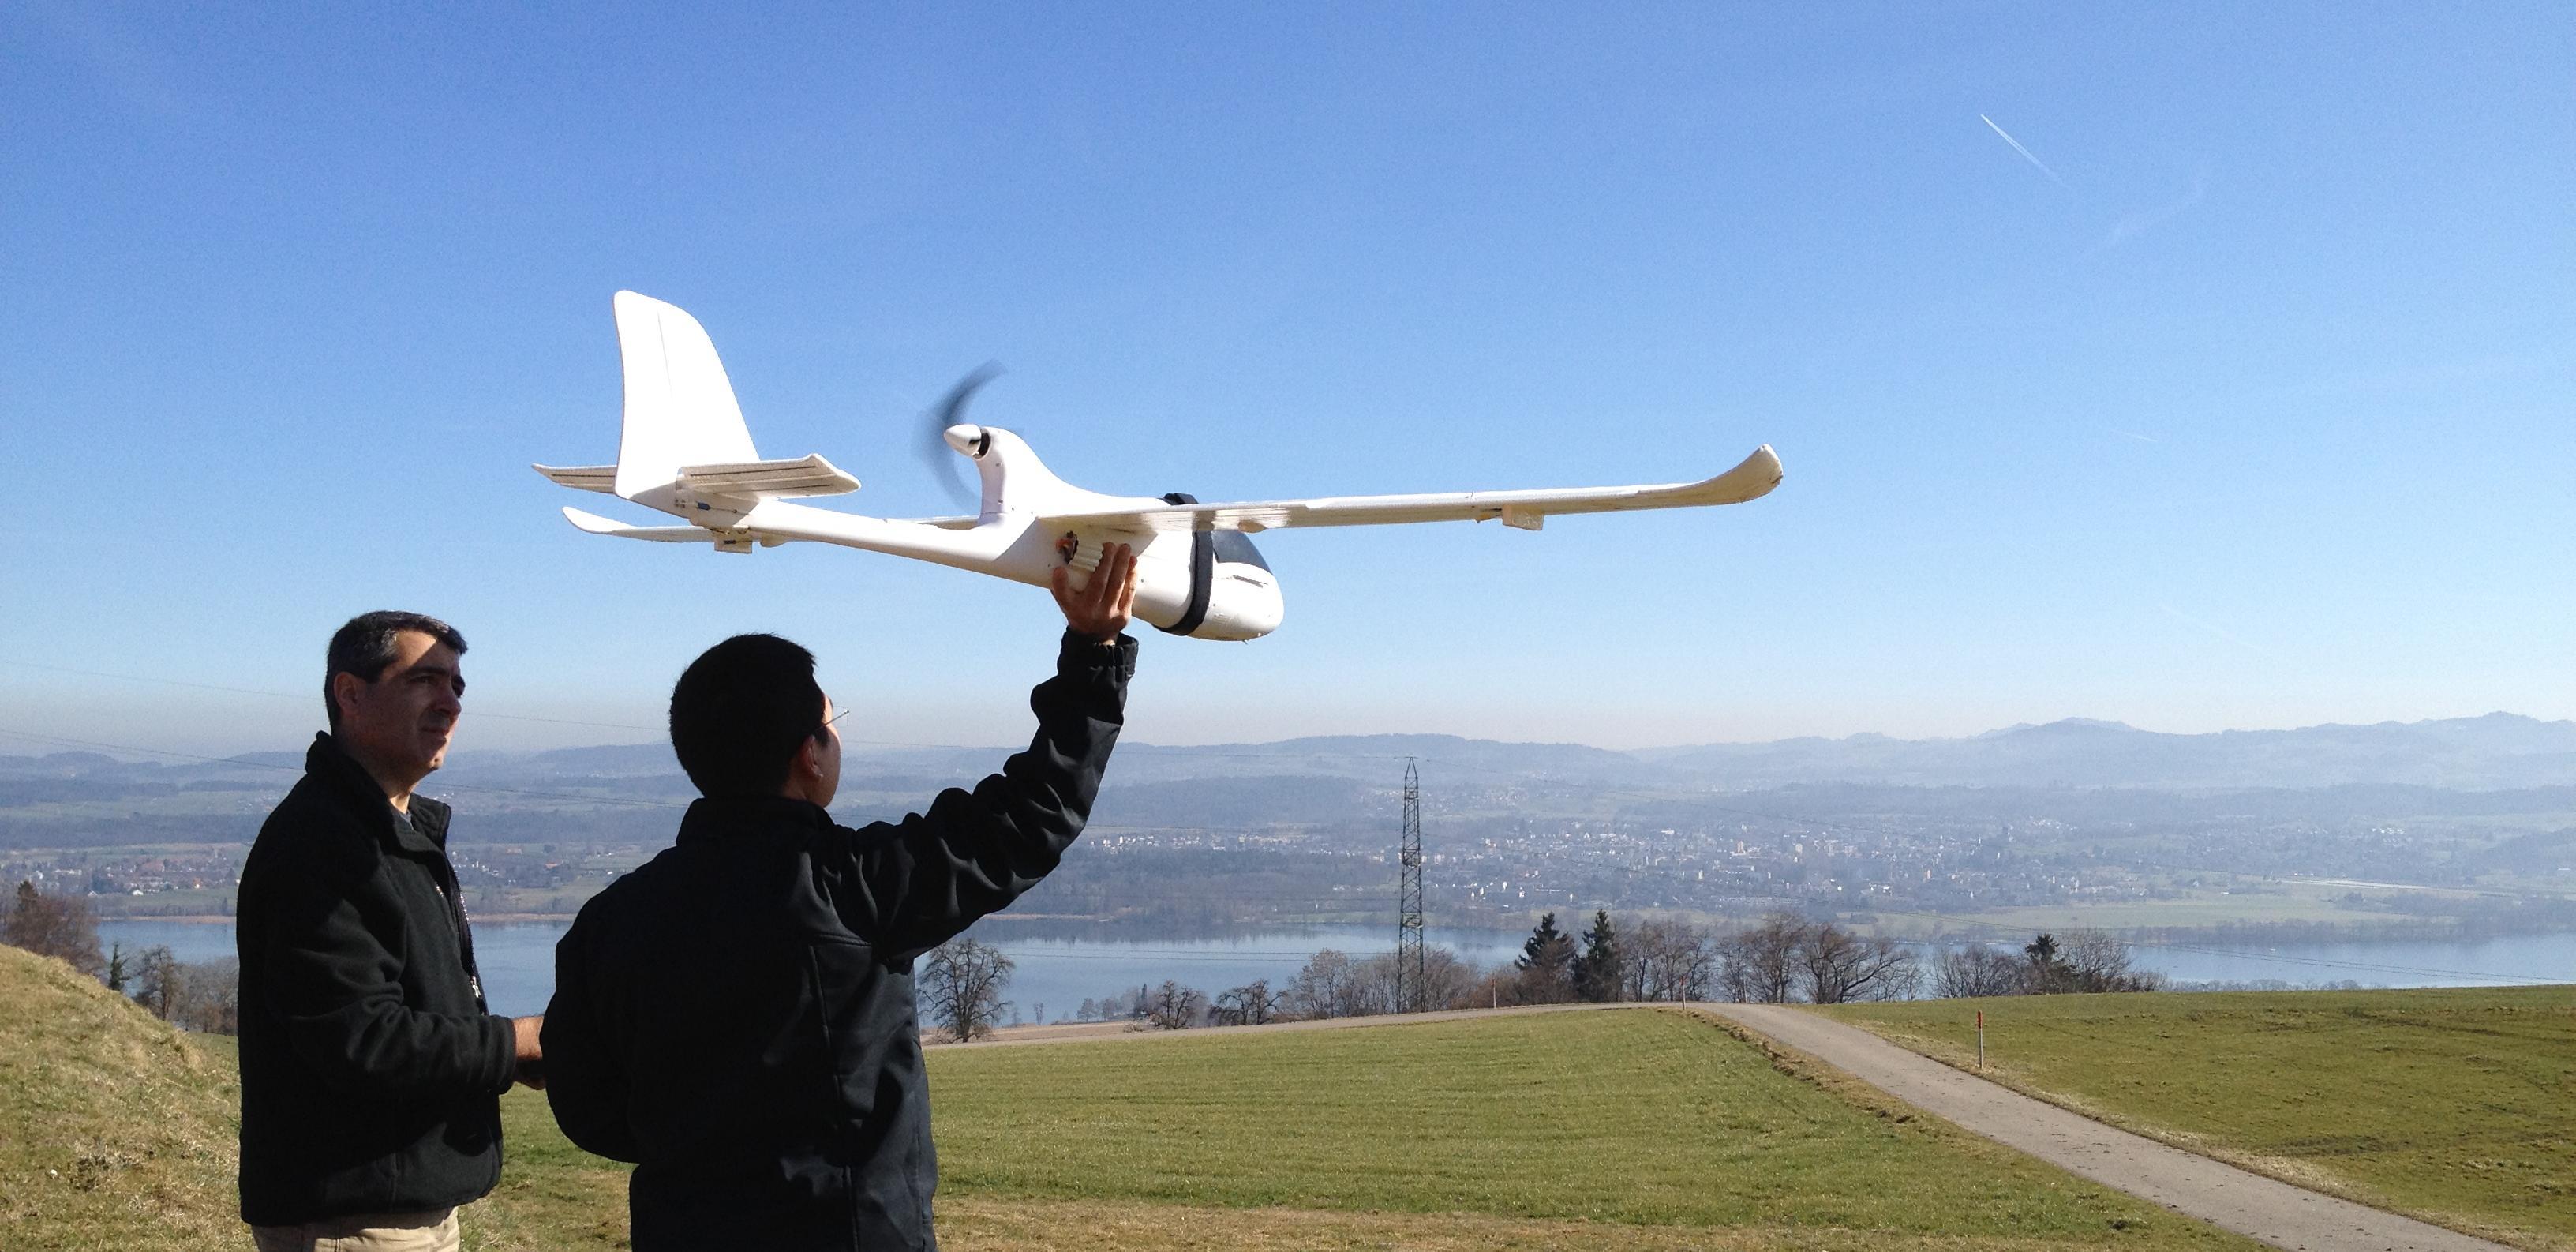 Estados Unidos considera ampliar el uso comercial de los drones